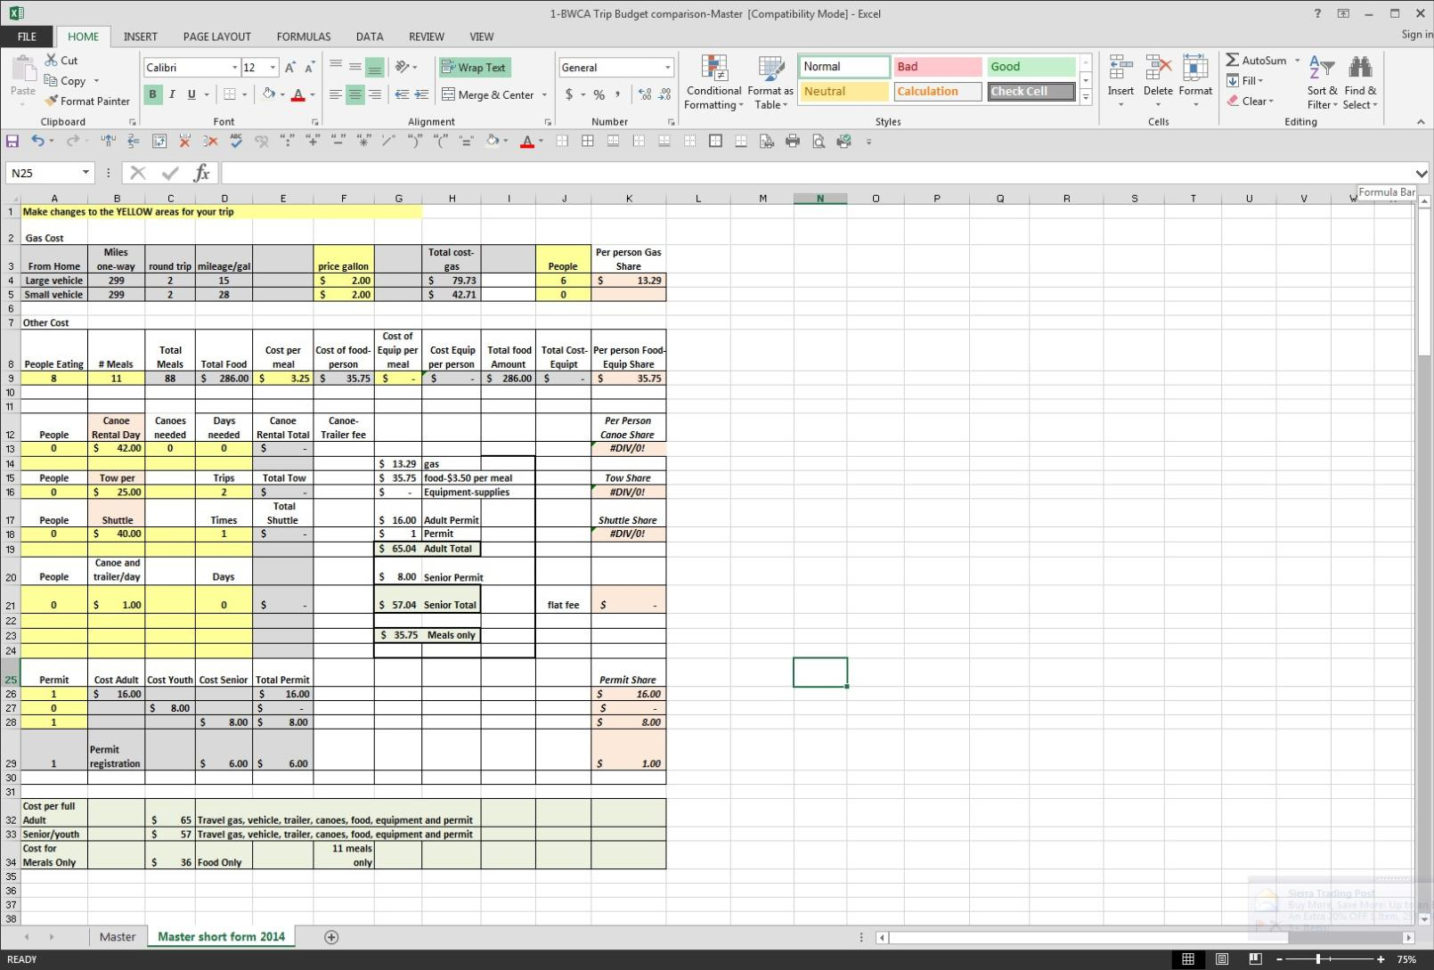 Trucking Business Expenses Spreadsheet Throughout Trucker Expense Spreadsheet Trucking Company Business Expenses